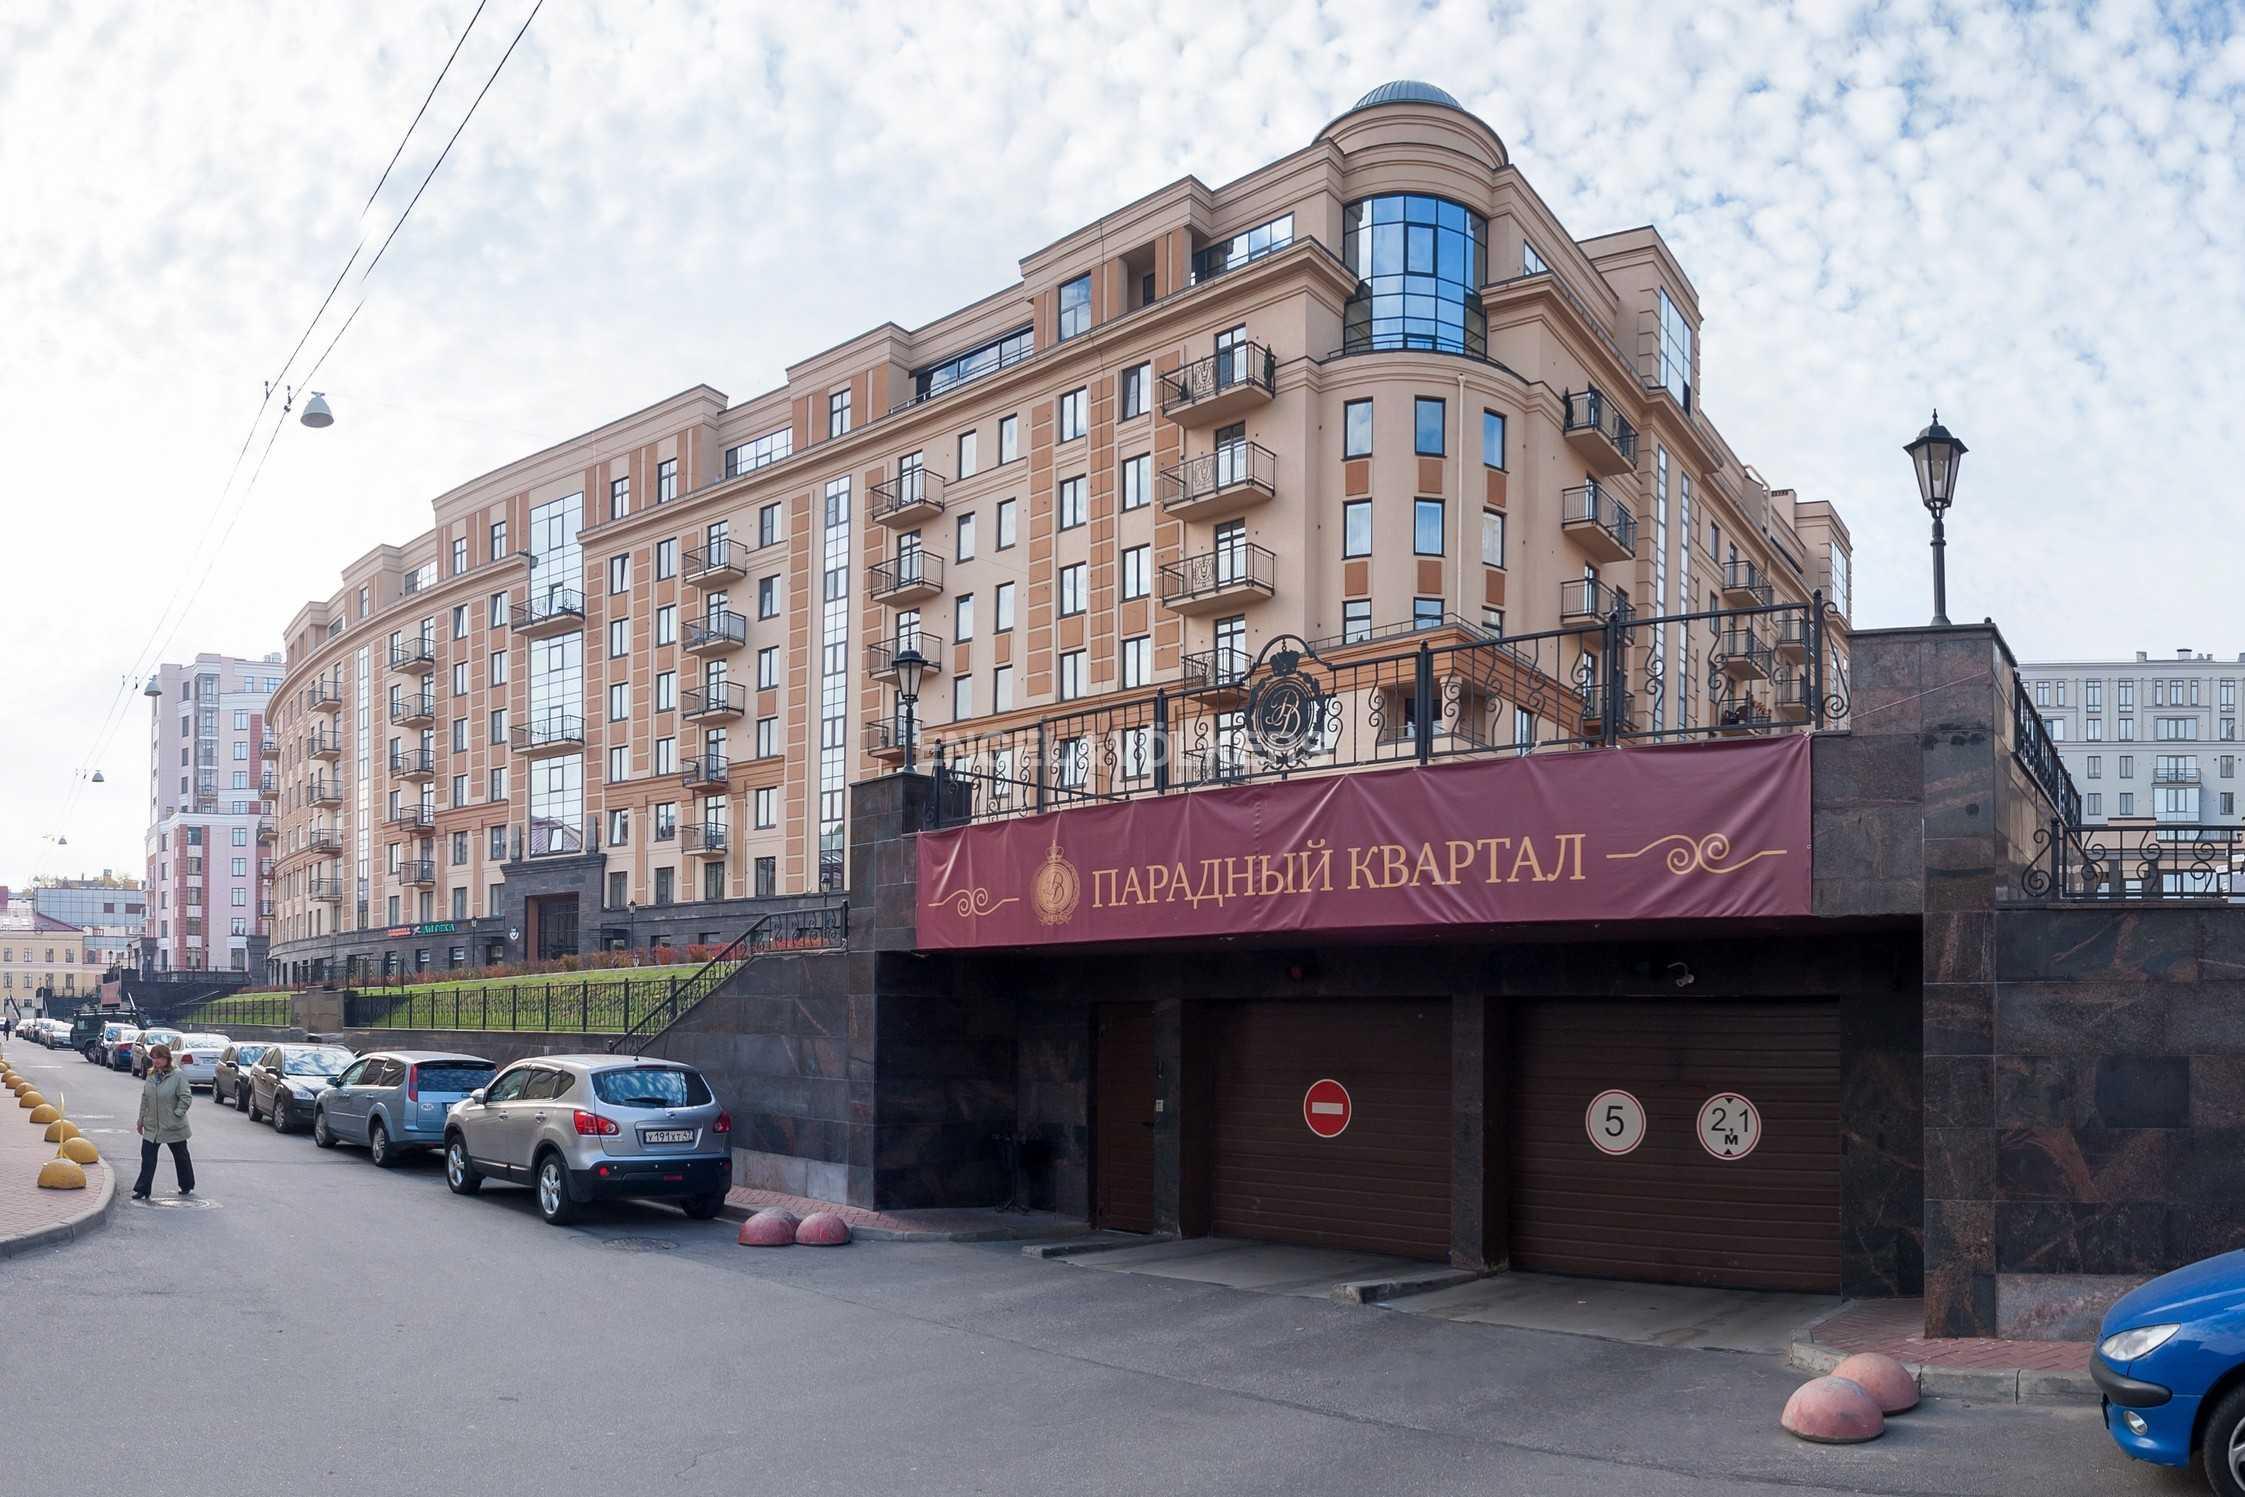 Элитные квартиры в Центральном районе. Санкт-Петербург, Парадная ул. 3. Въезд в подземный паркинг